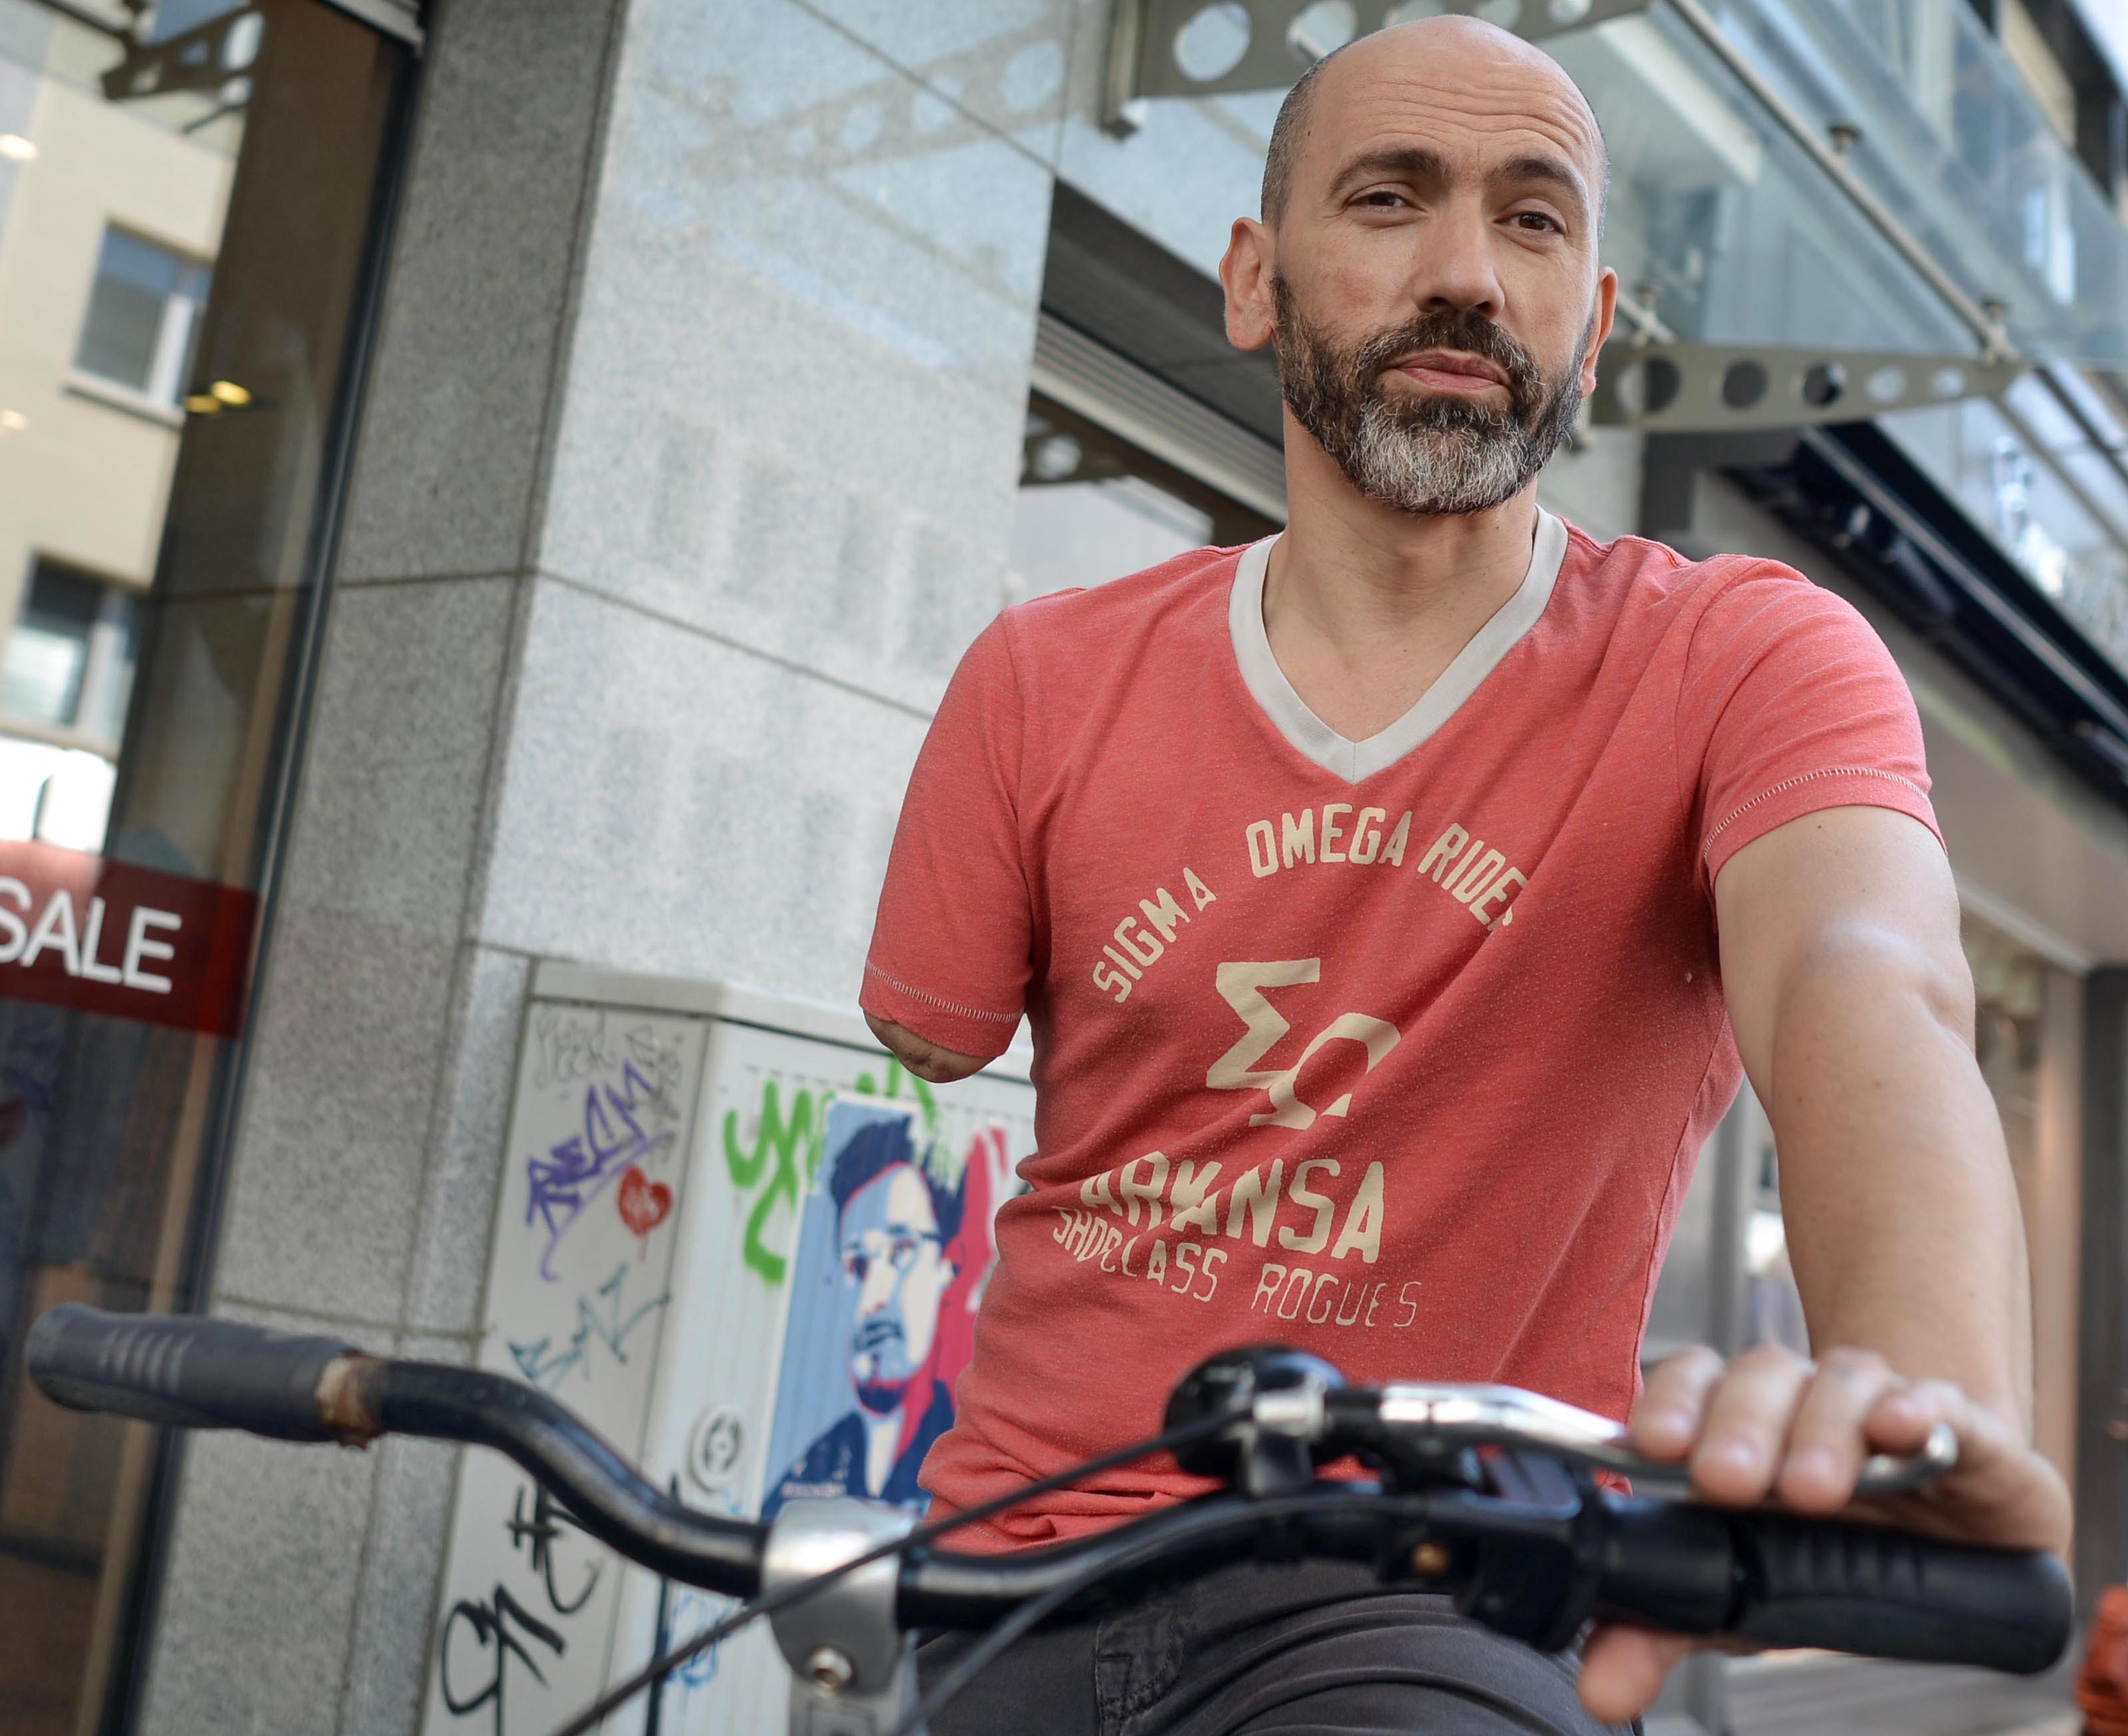 Jednorukého cyklistu pokutovali za to, že řídil jednou rukou